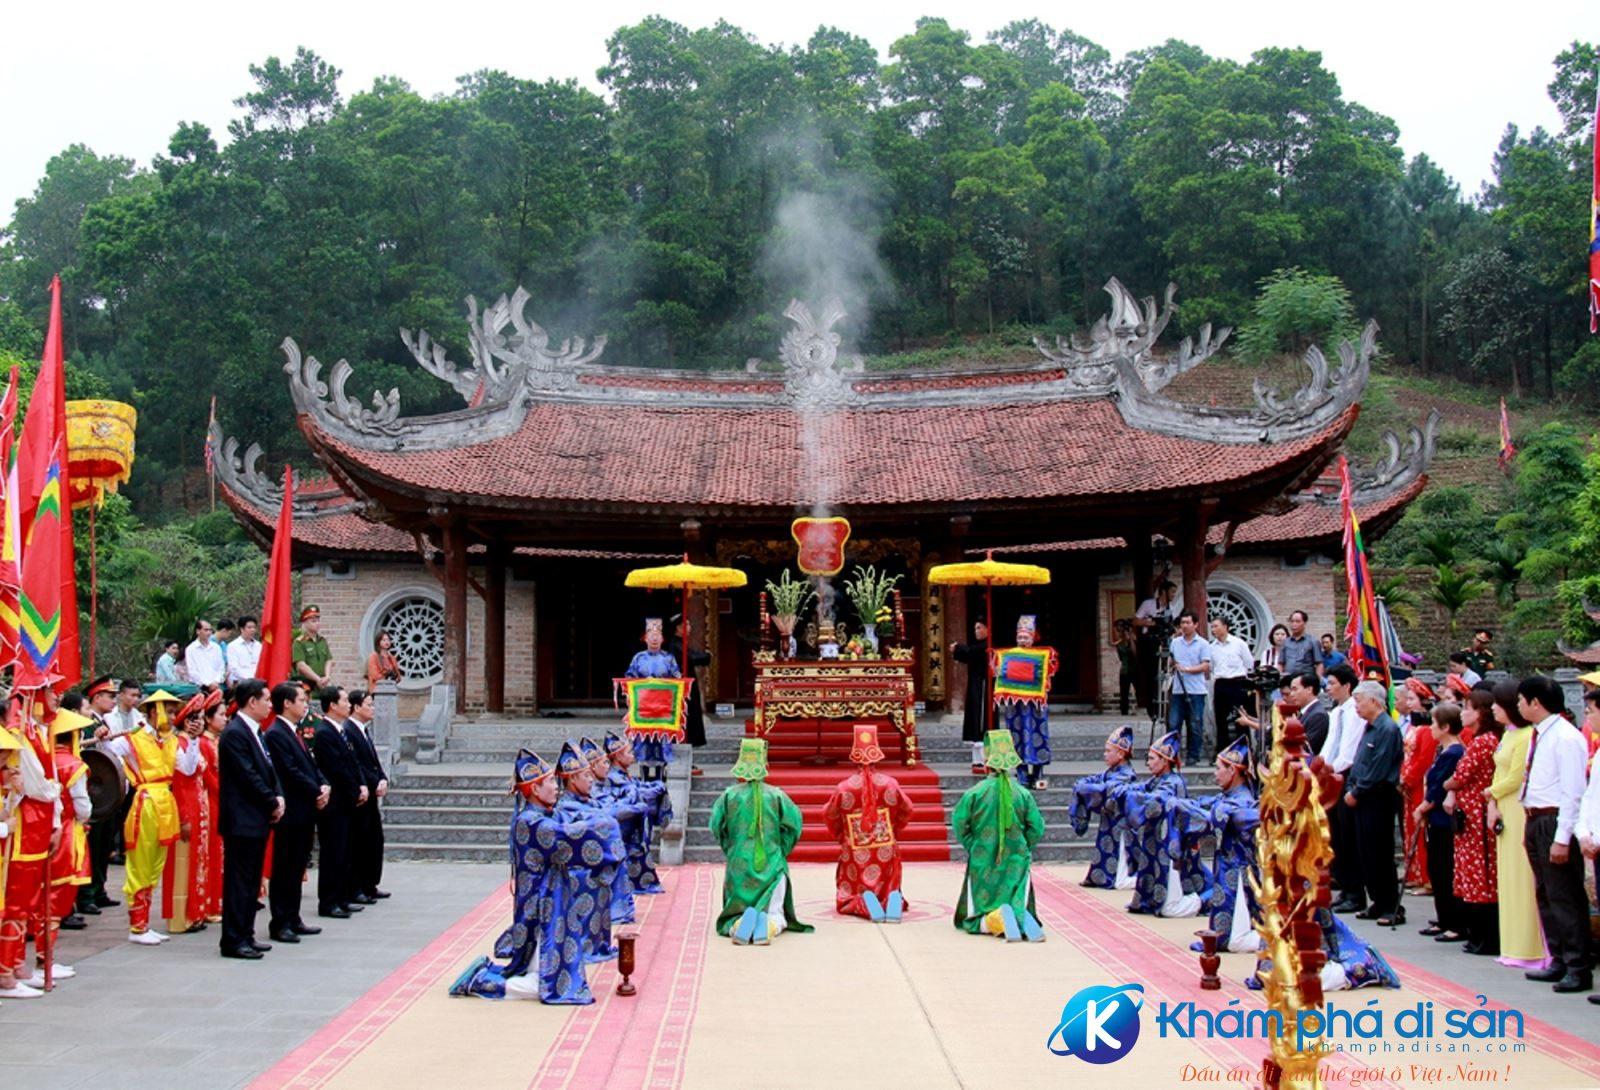 khamphadisan-gio-to-hung-vuong